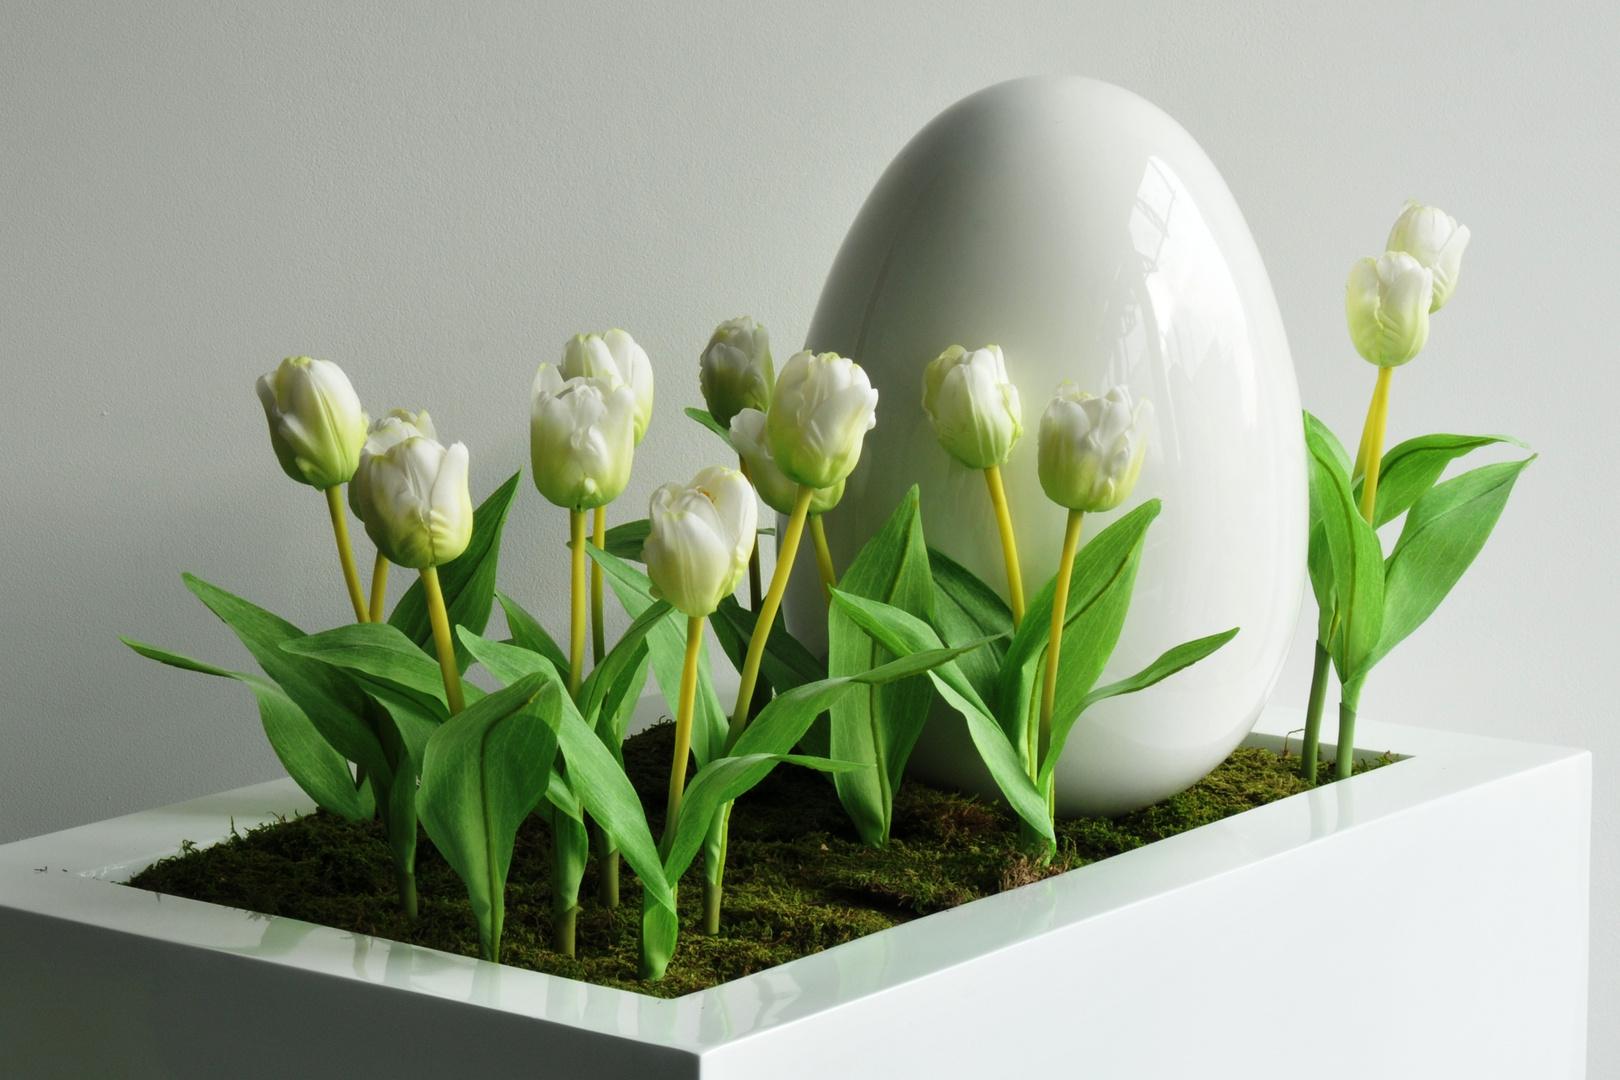 Ostern steht vor der Tür, manchmal auch schon dahinter